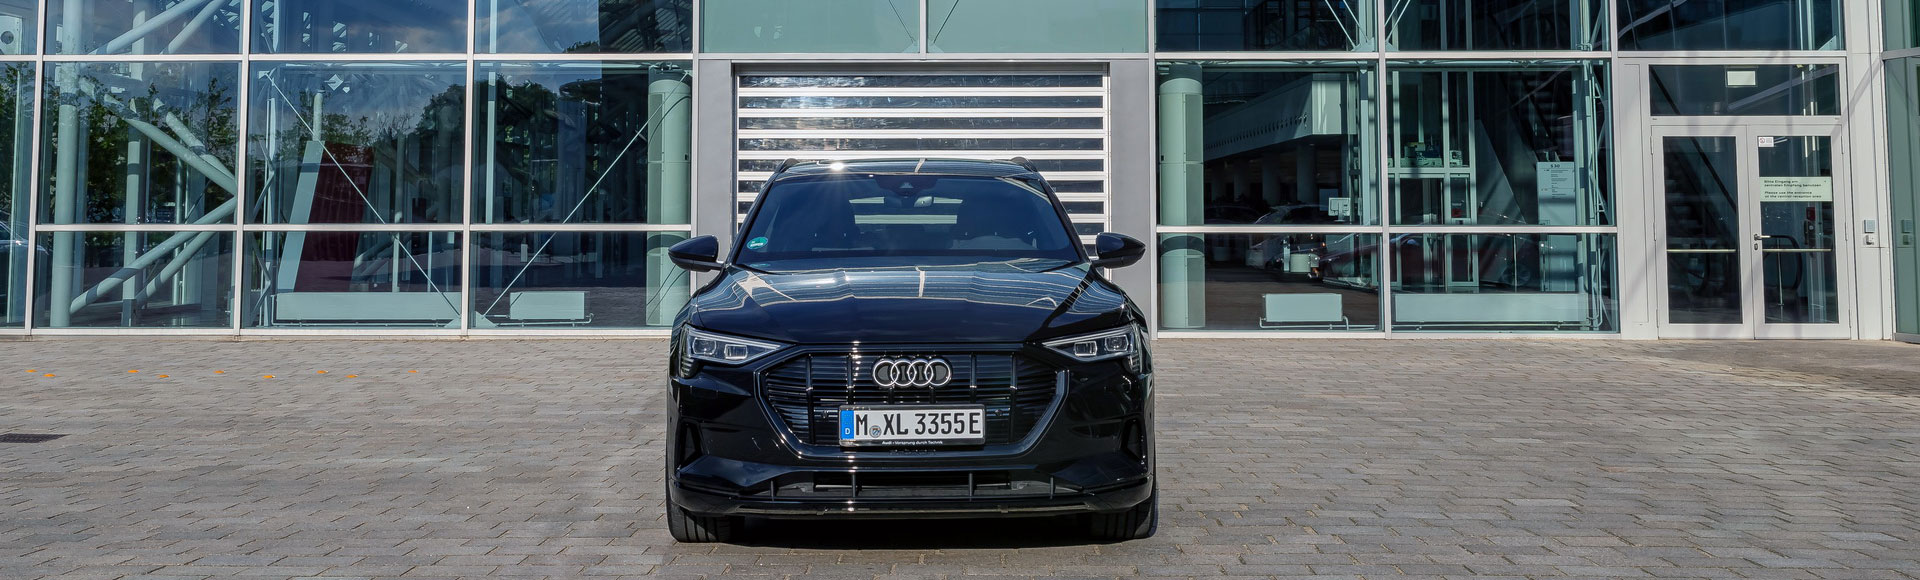 Audi e tron 2019 Spring Sommer 0906